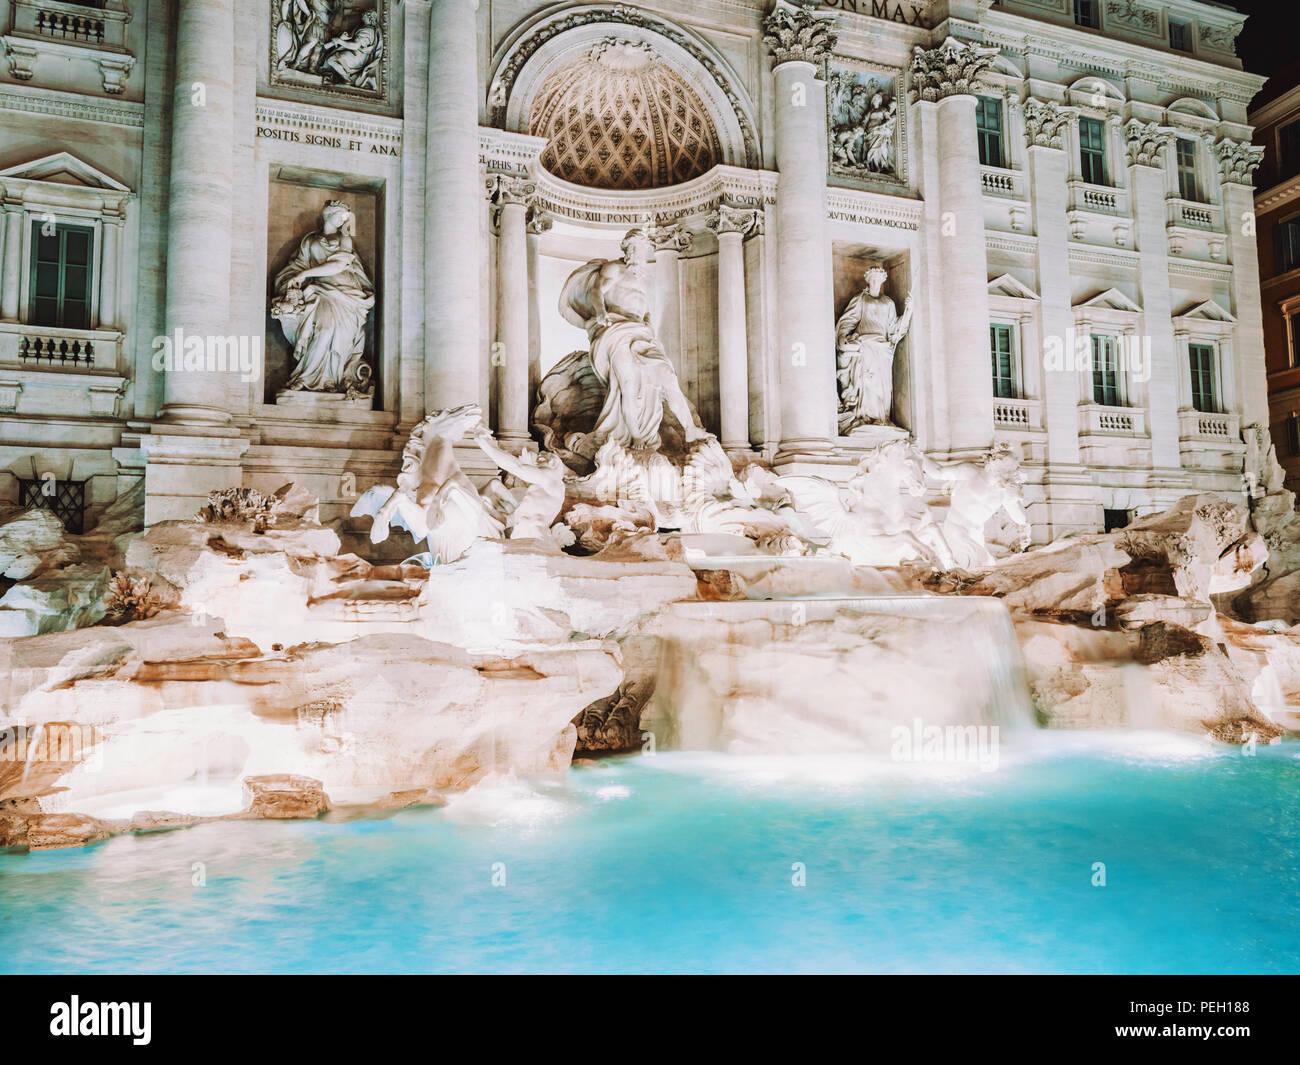 Nacht am Trevi Brunnen mit Beleuchtung, die meisten berühmten Brunnen in Rom, Italien. Stockbild